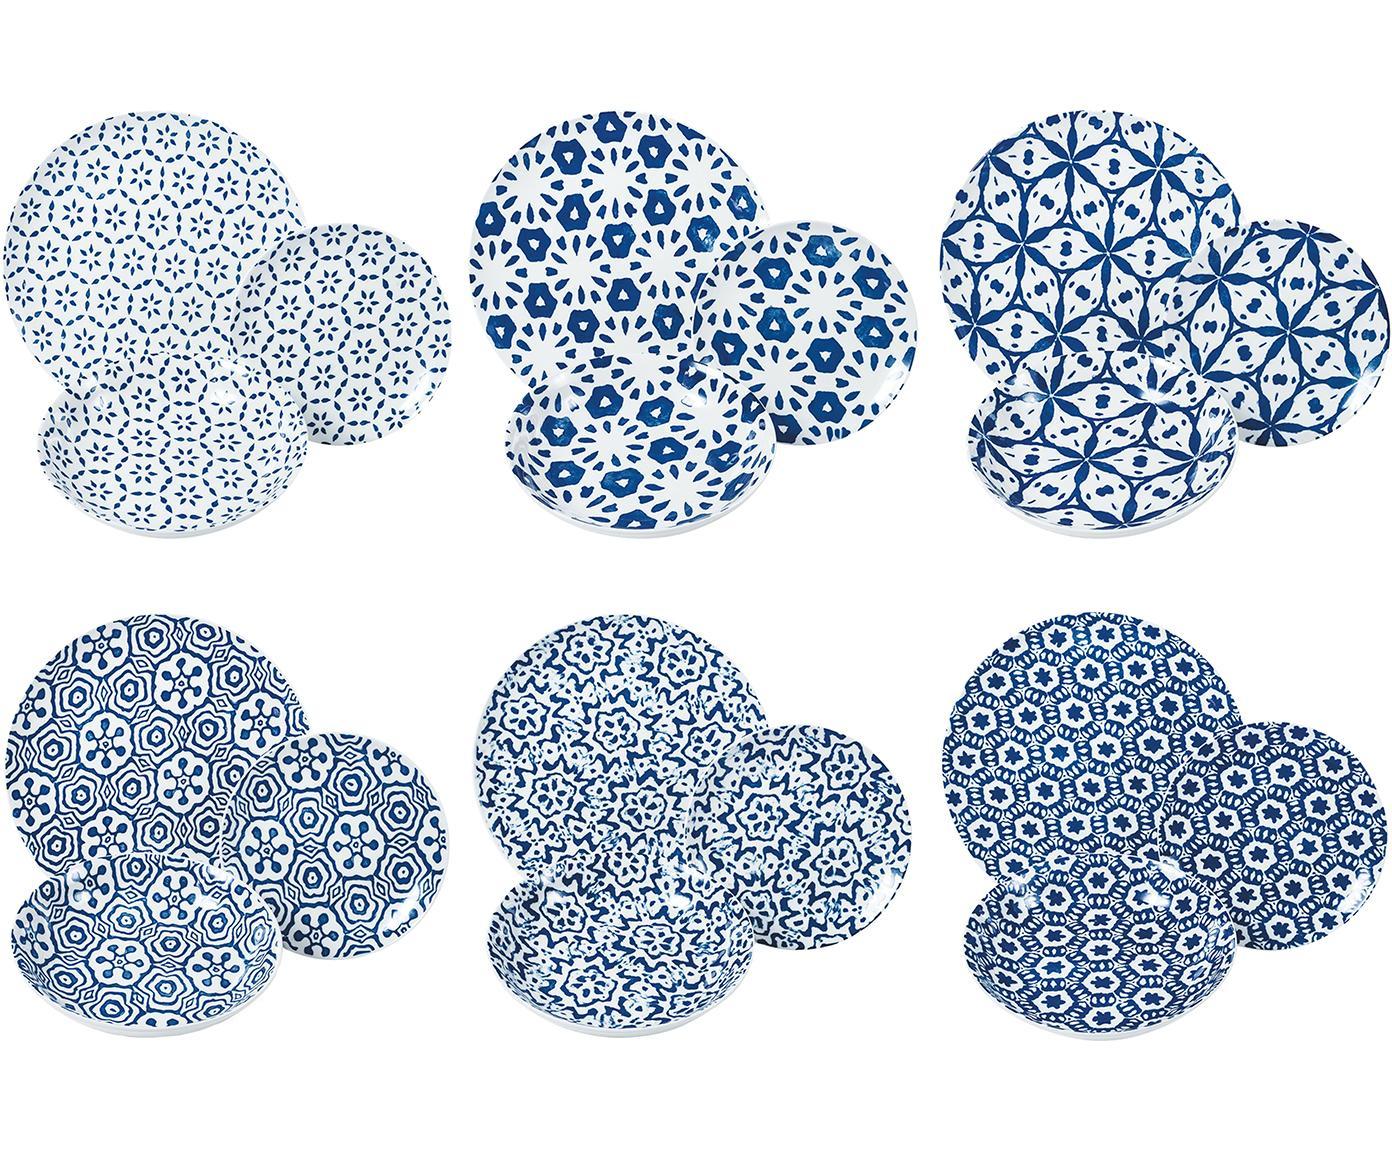 Serviesset Bodrum, 18-delig, Porselein, Blauw, wit, Verschillende formaten